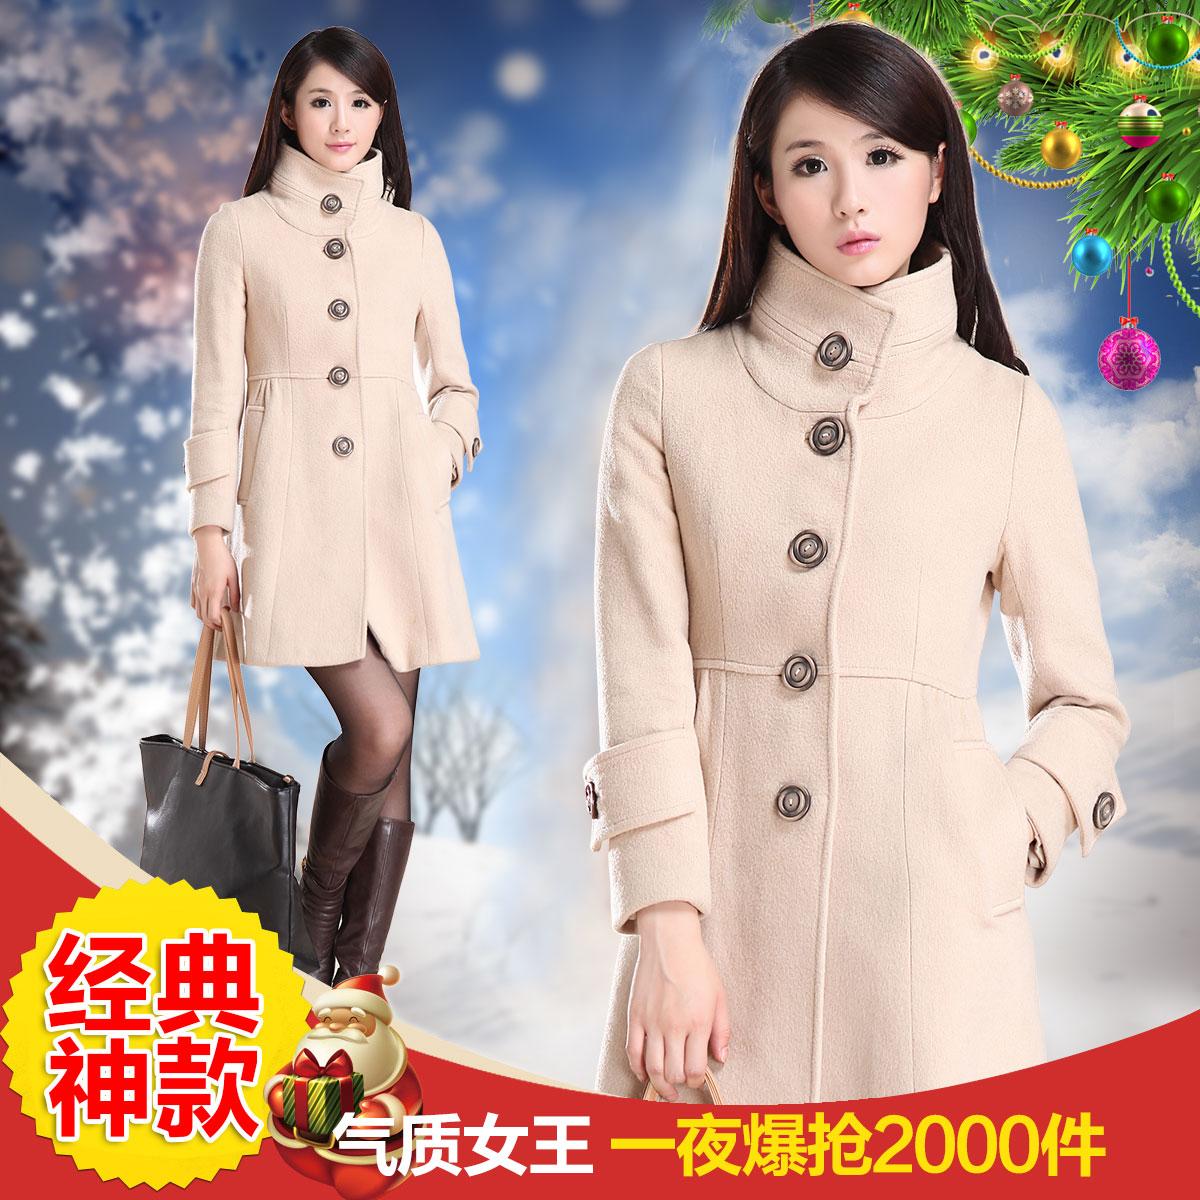 женское пальто Moao ncler n1479 2012 OL Осень 2012 Длинная модель (80 см<длина изделия ≤ 100 см) Moao ncler / Moka Na Длинный рукав Классический рукав